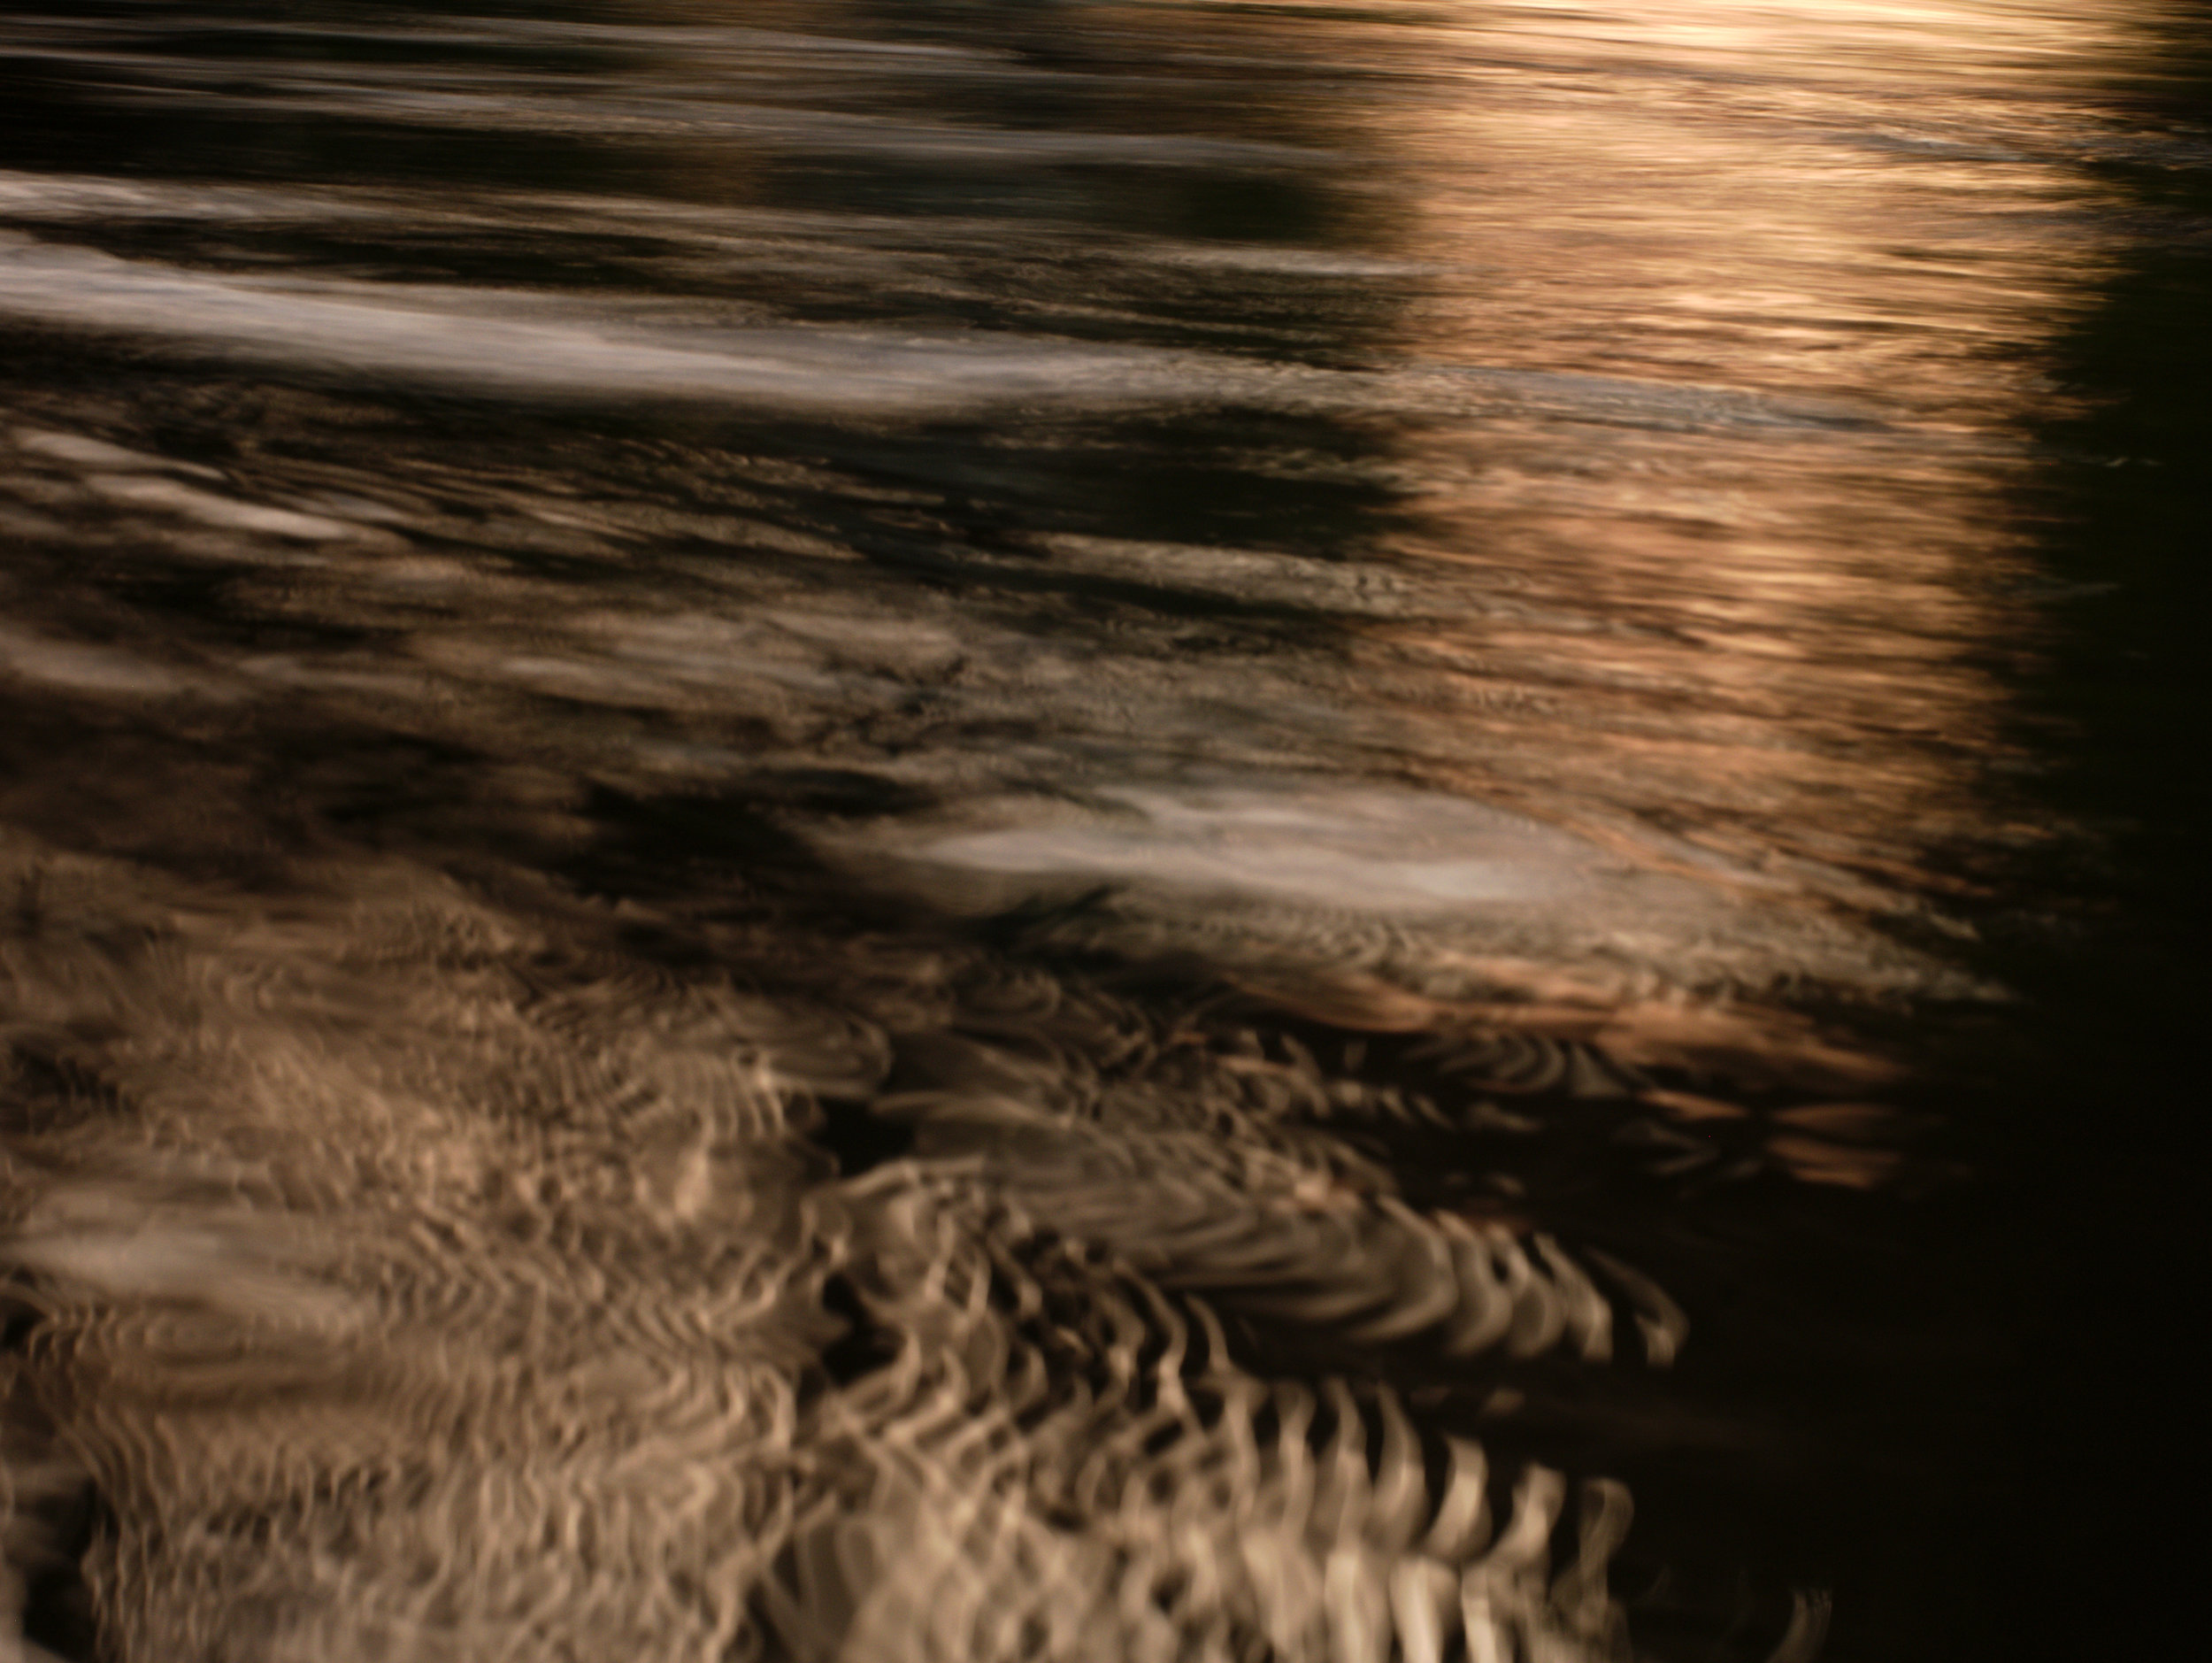 river_sunset_02.jpg